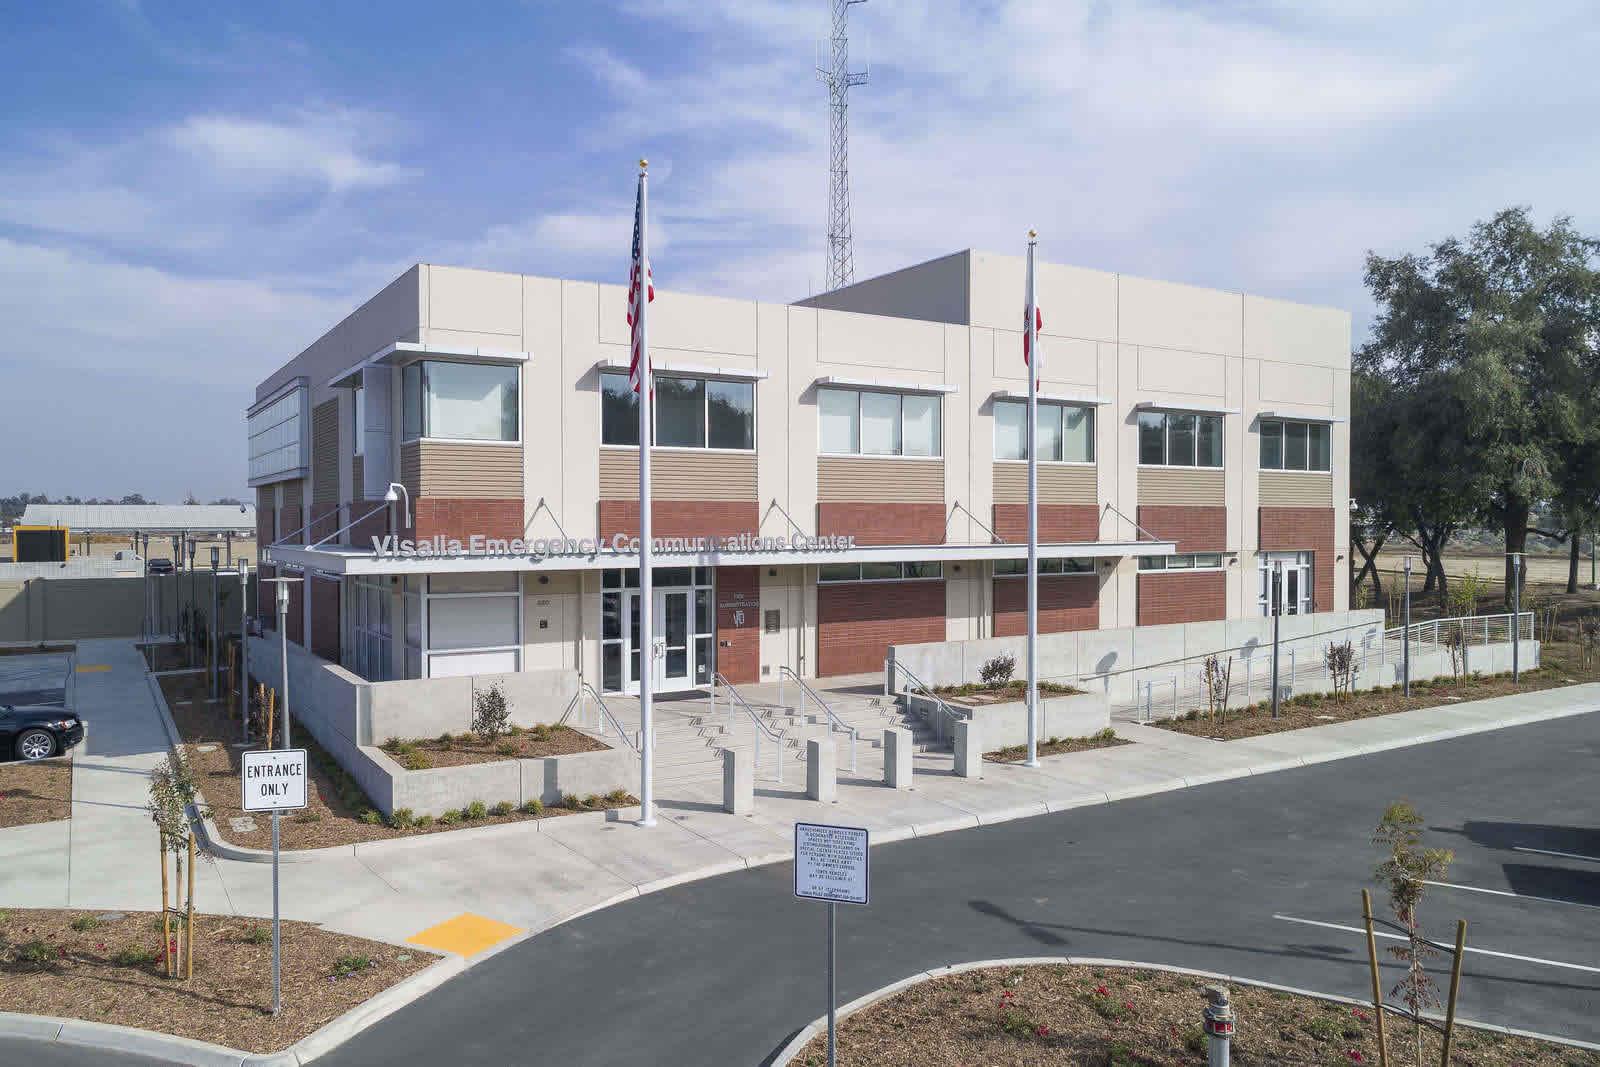 Main banner image for Visalia Emergency Communications Center